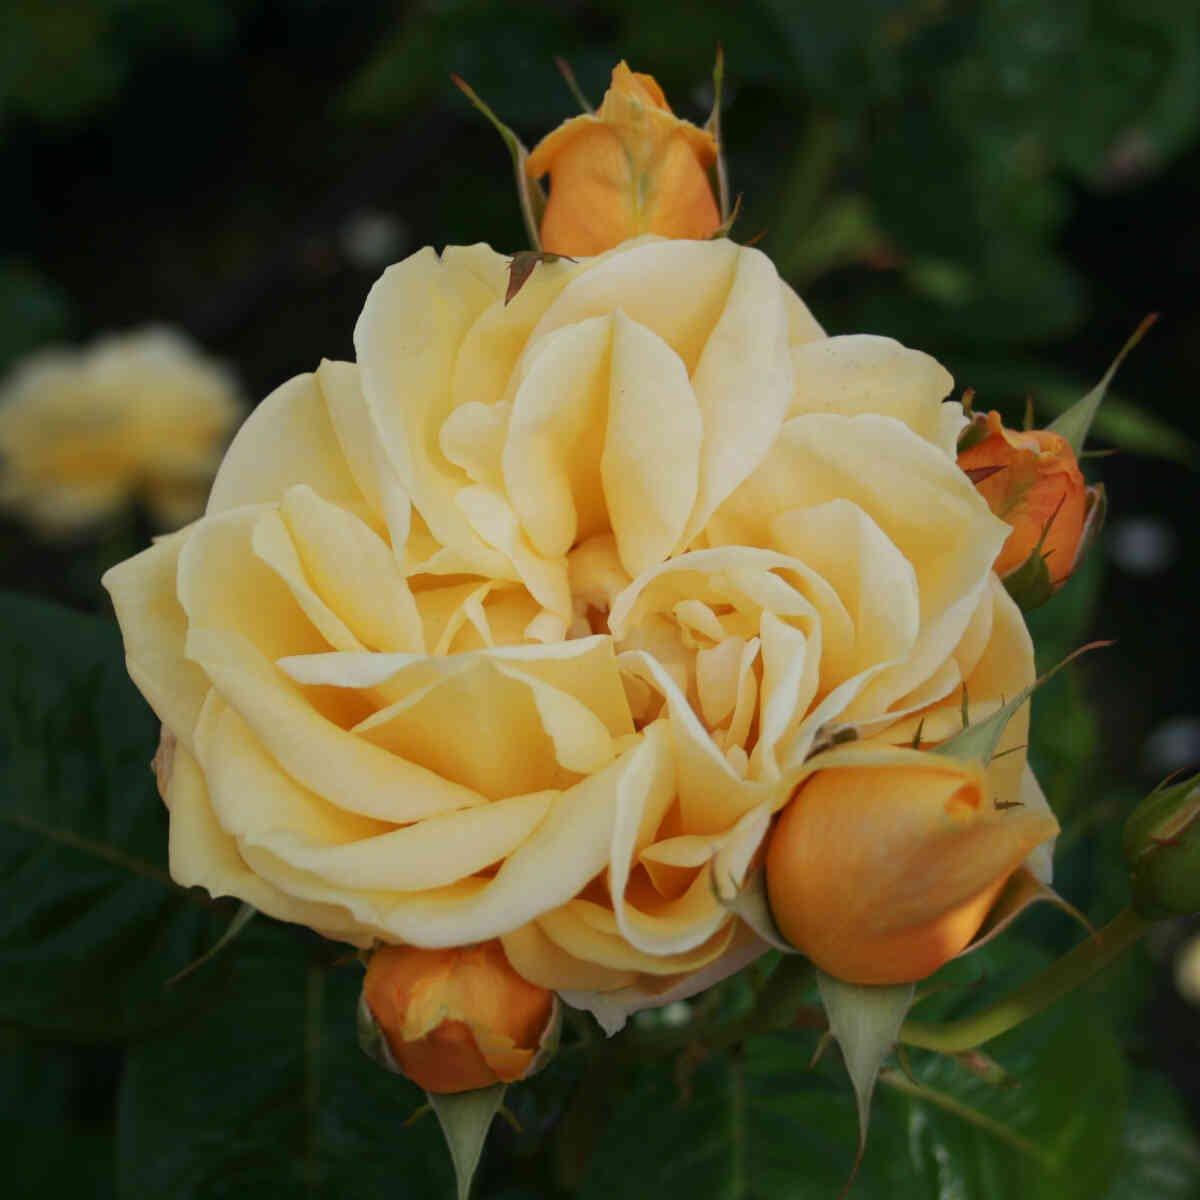 Rose 'Gracious Queen' (Michelangelo)